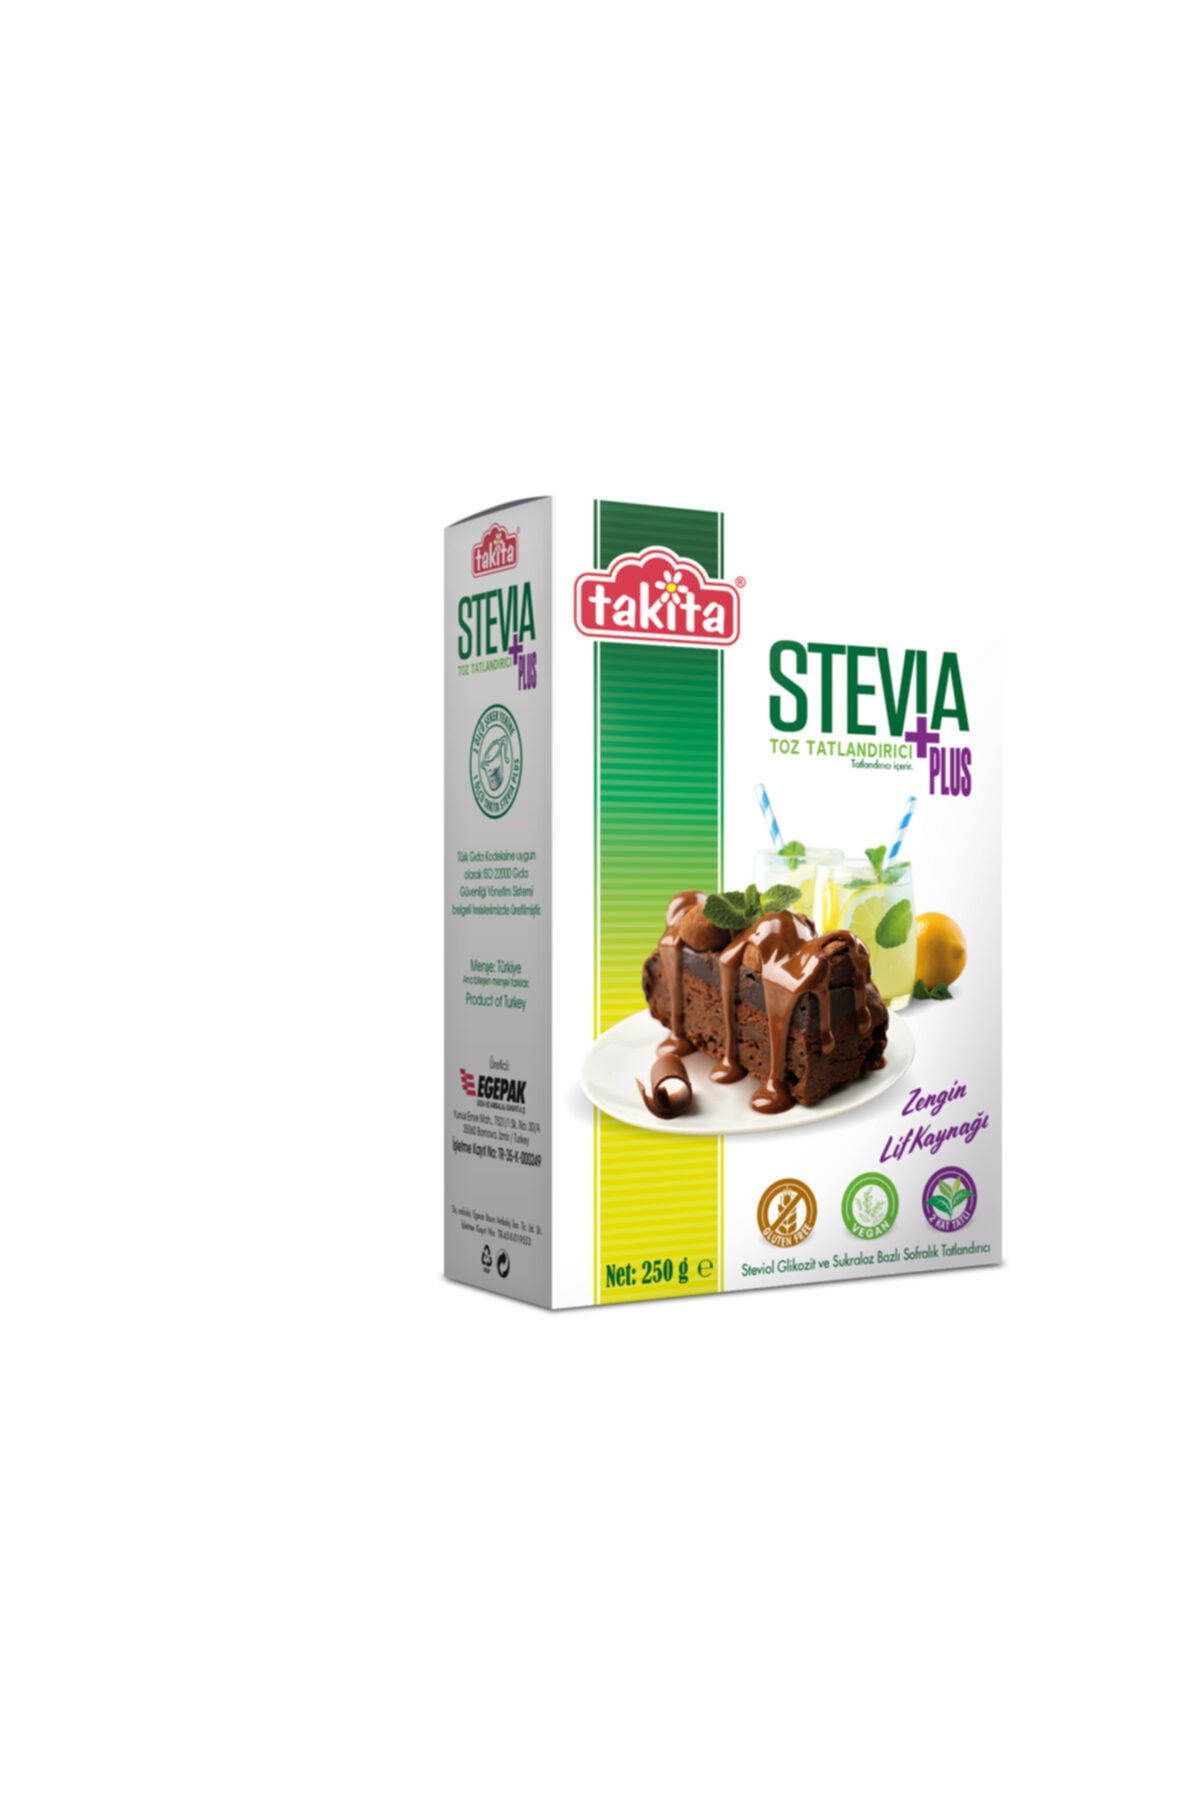 Takita Stevia Plus Toz Tatlandırıcı 250 Gr 1